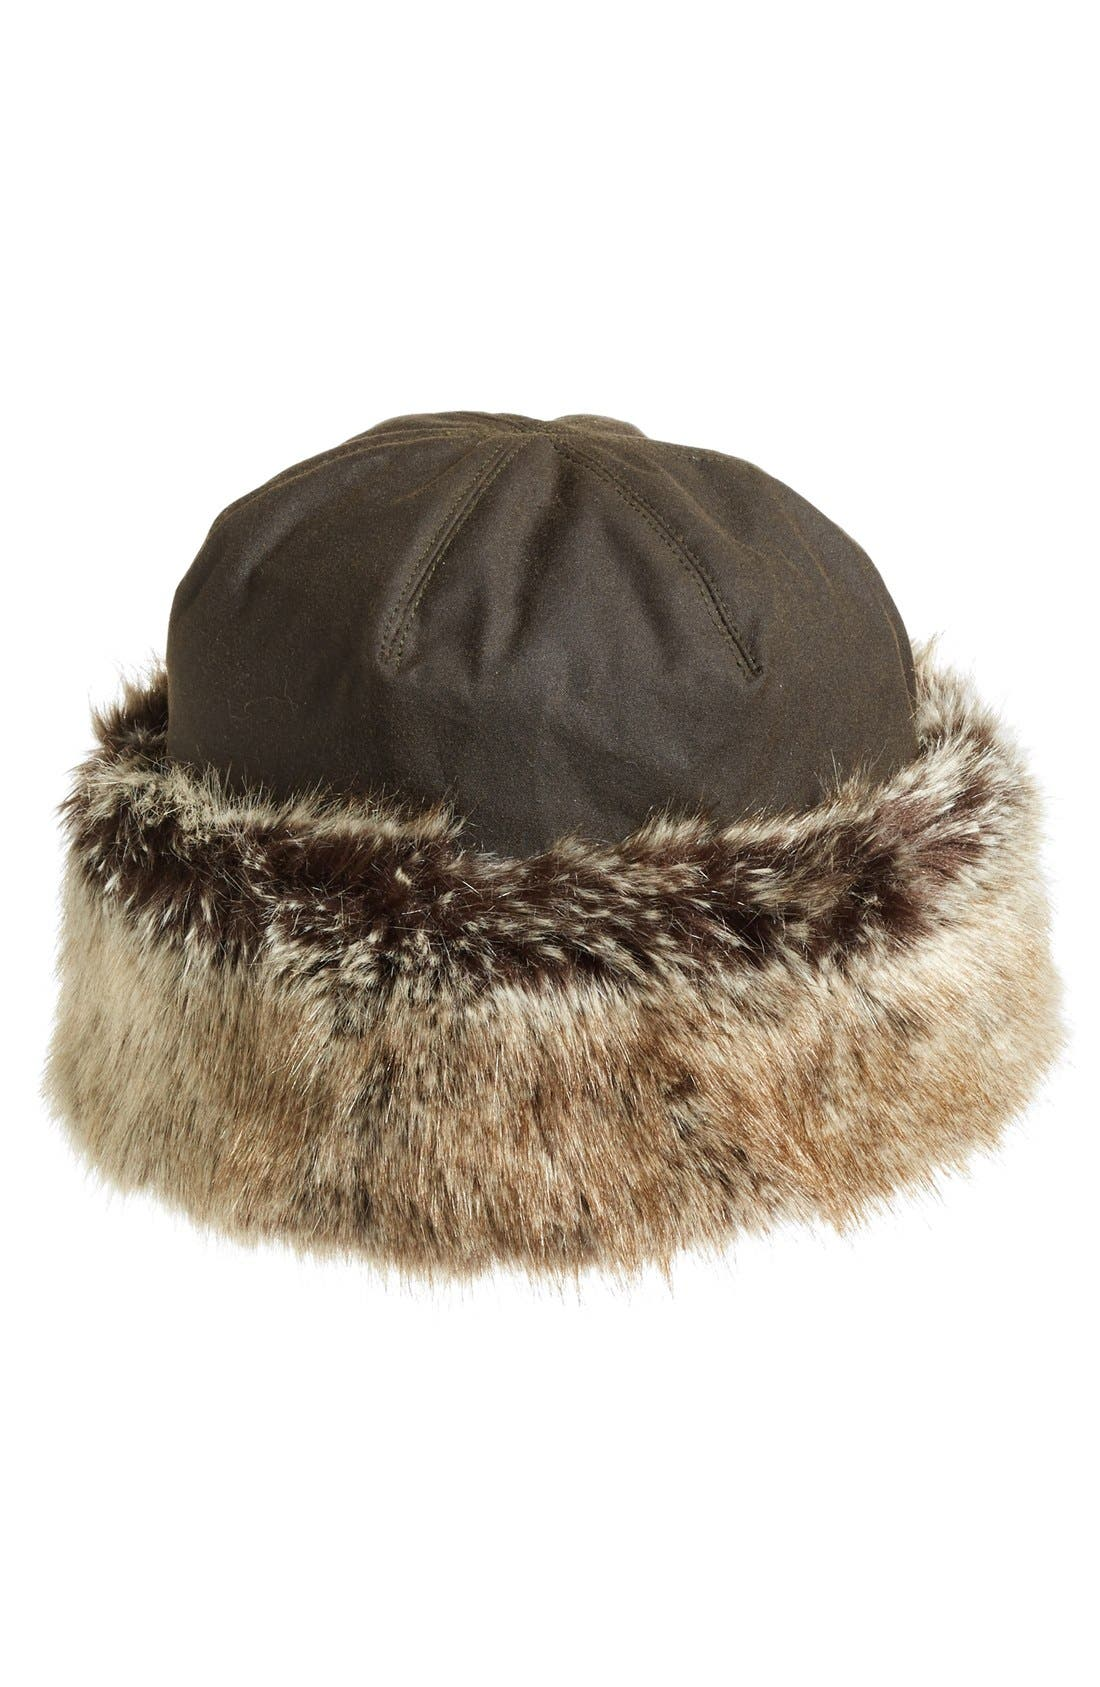 Main Image - Barbour 'Ambush' Waxed Cotton Hat with Faux Fur Trim